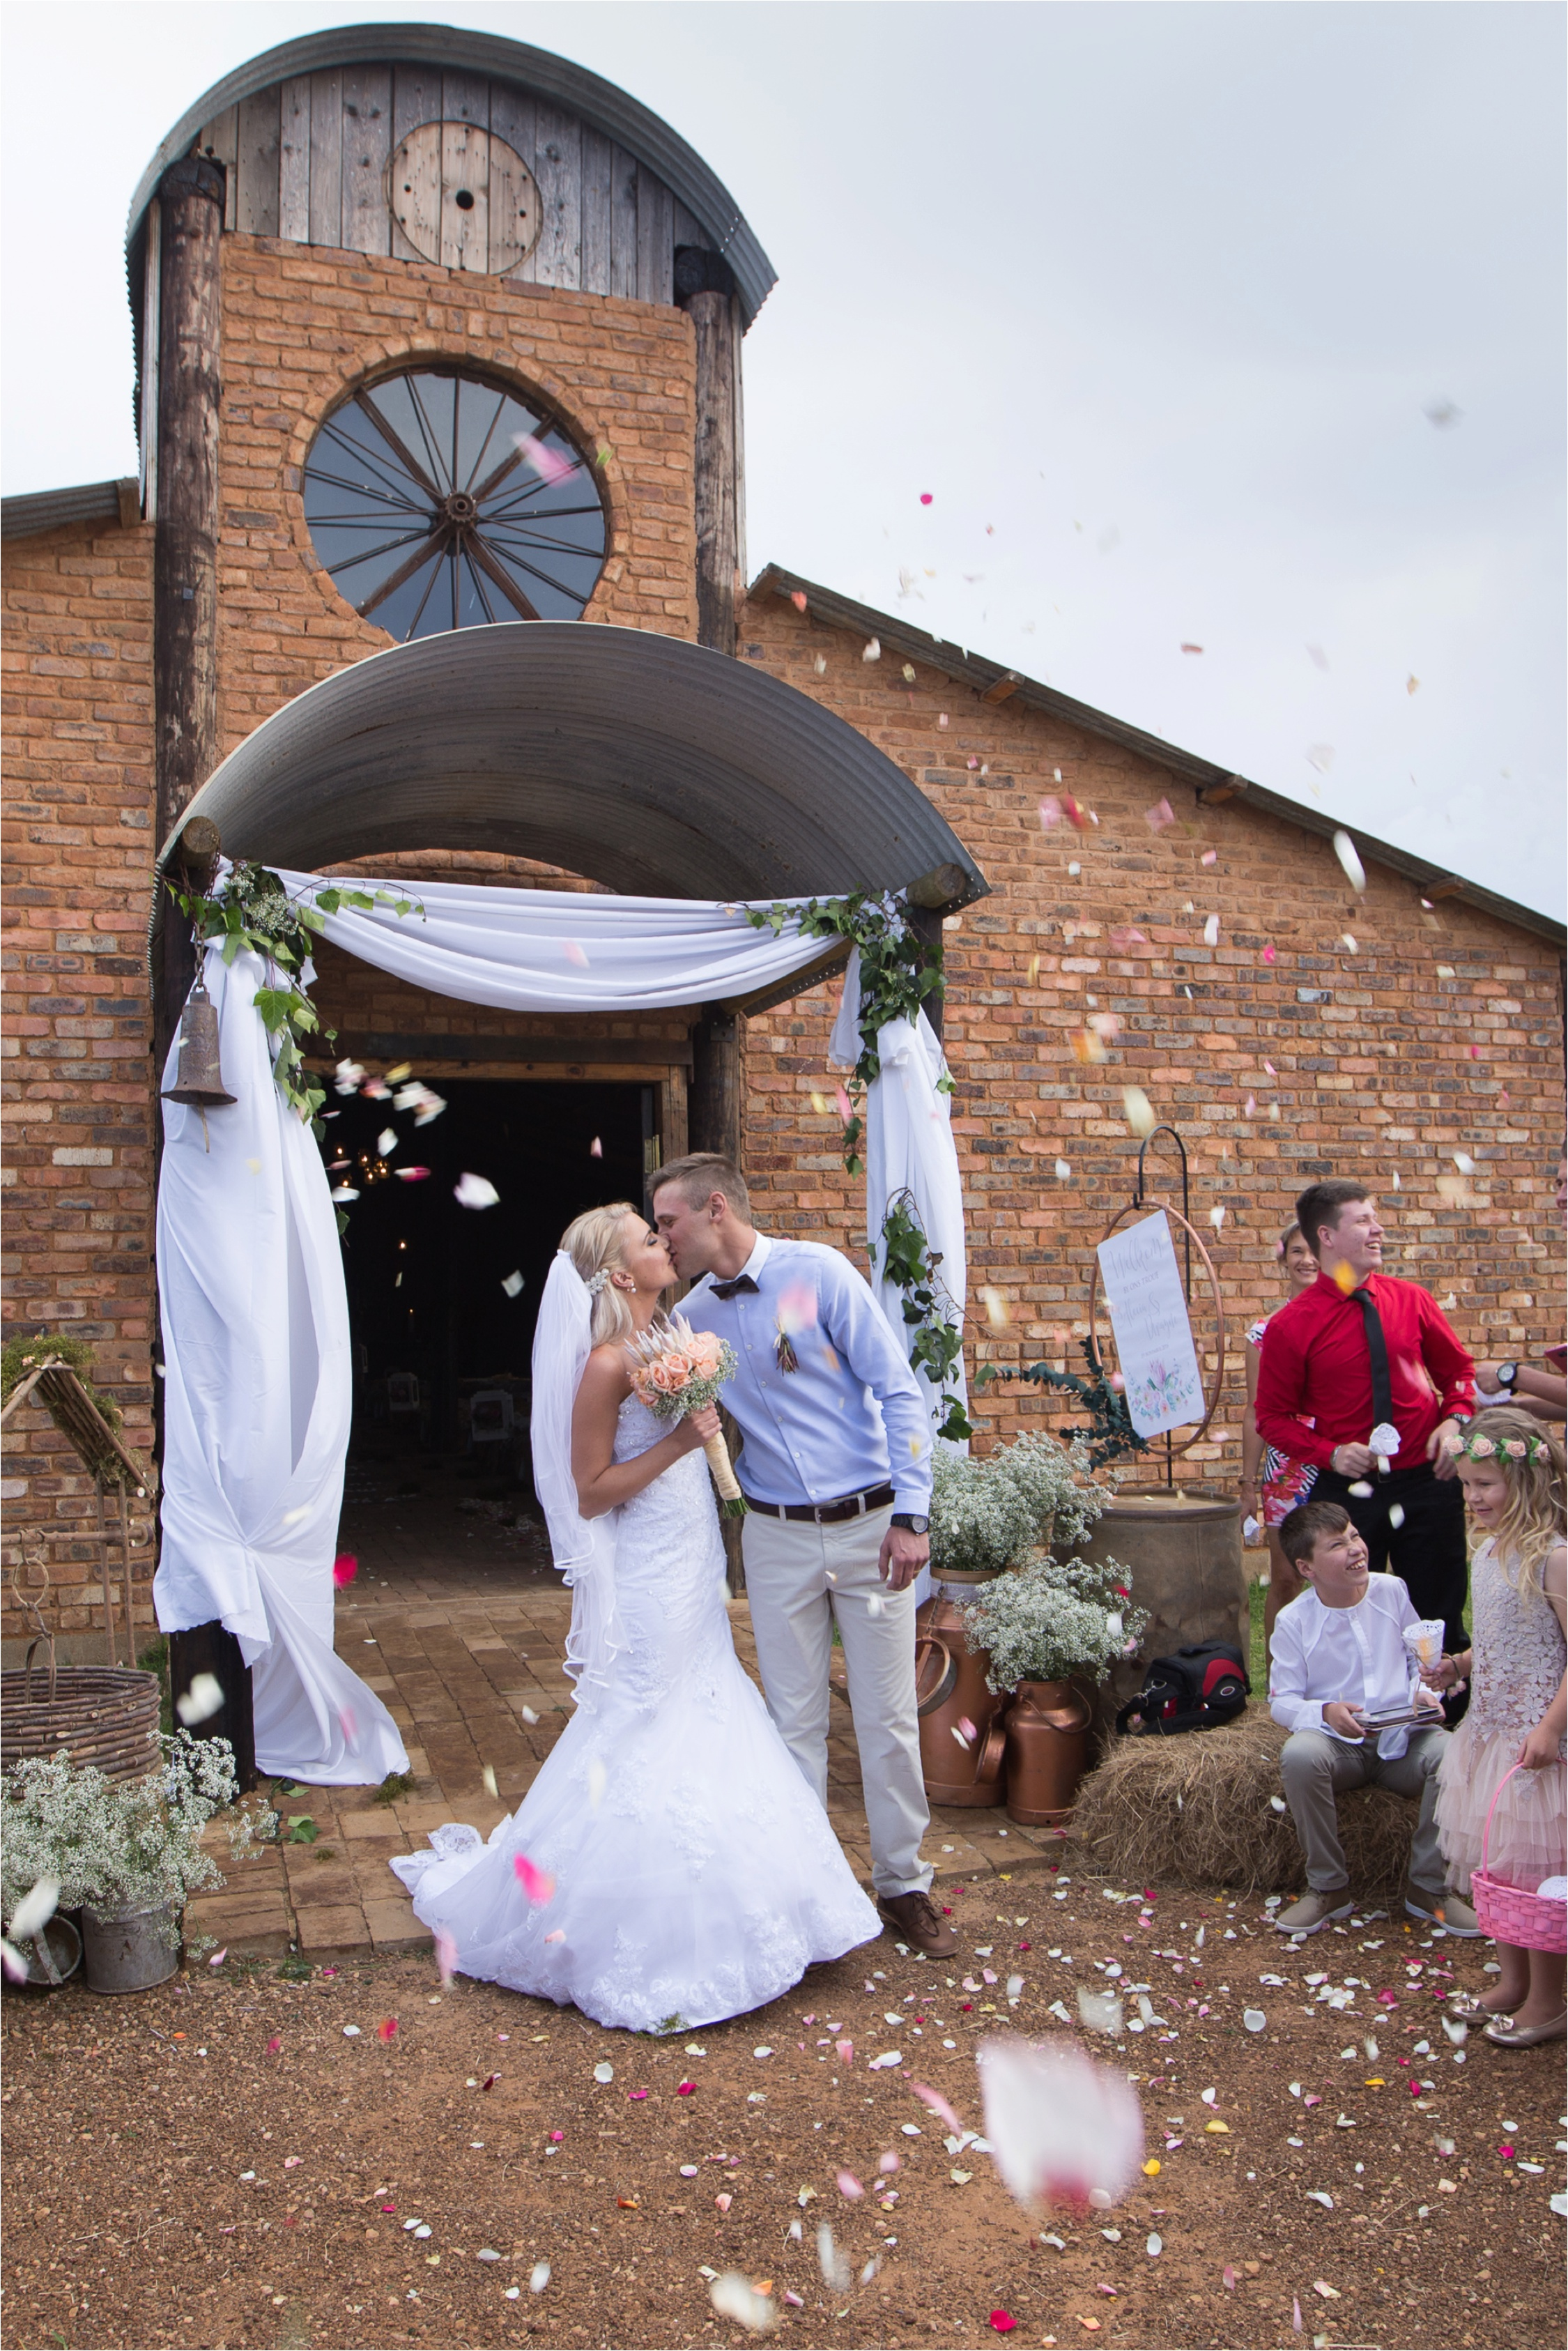 Die_Waenhuiskraal_wedding_Alicia_Dwayne_50